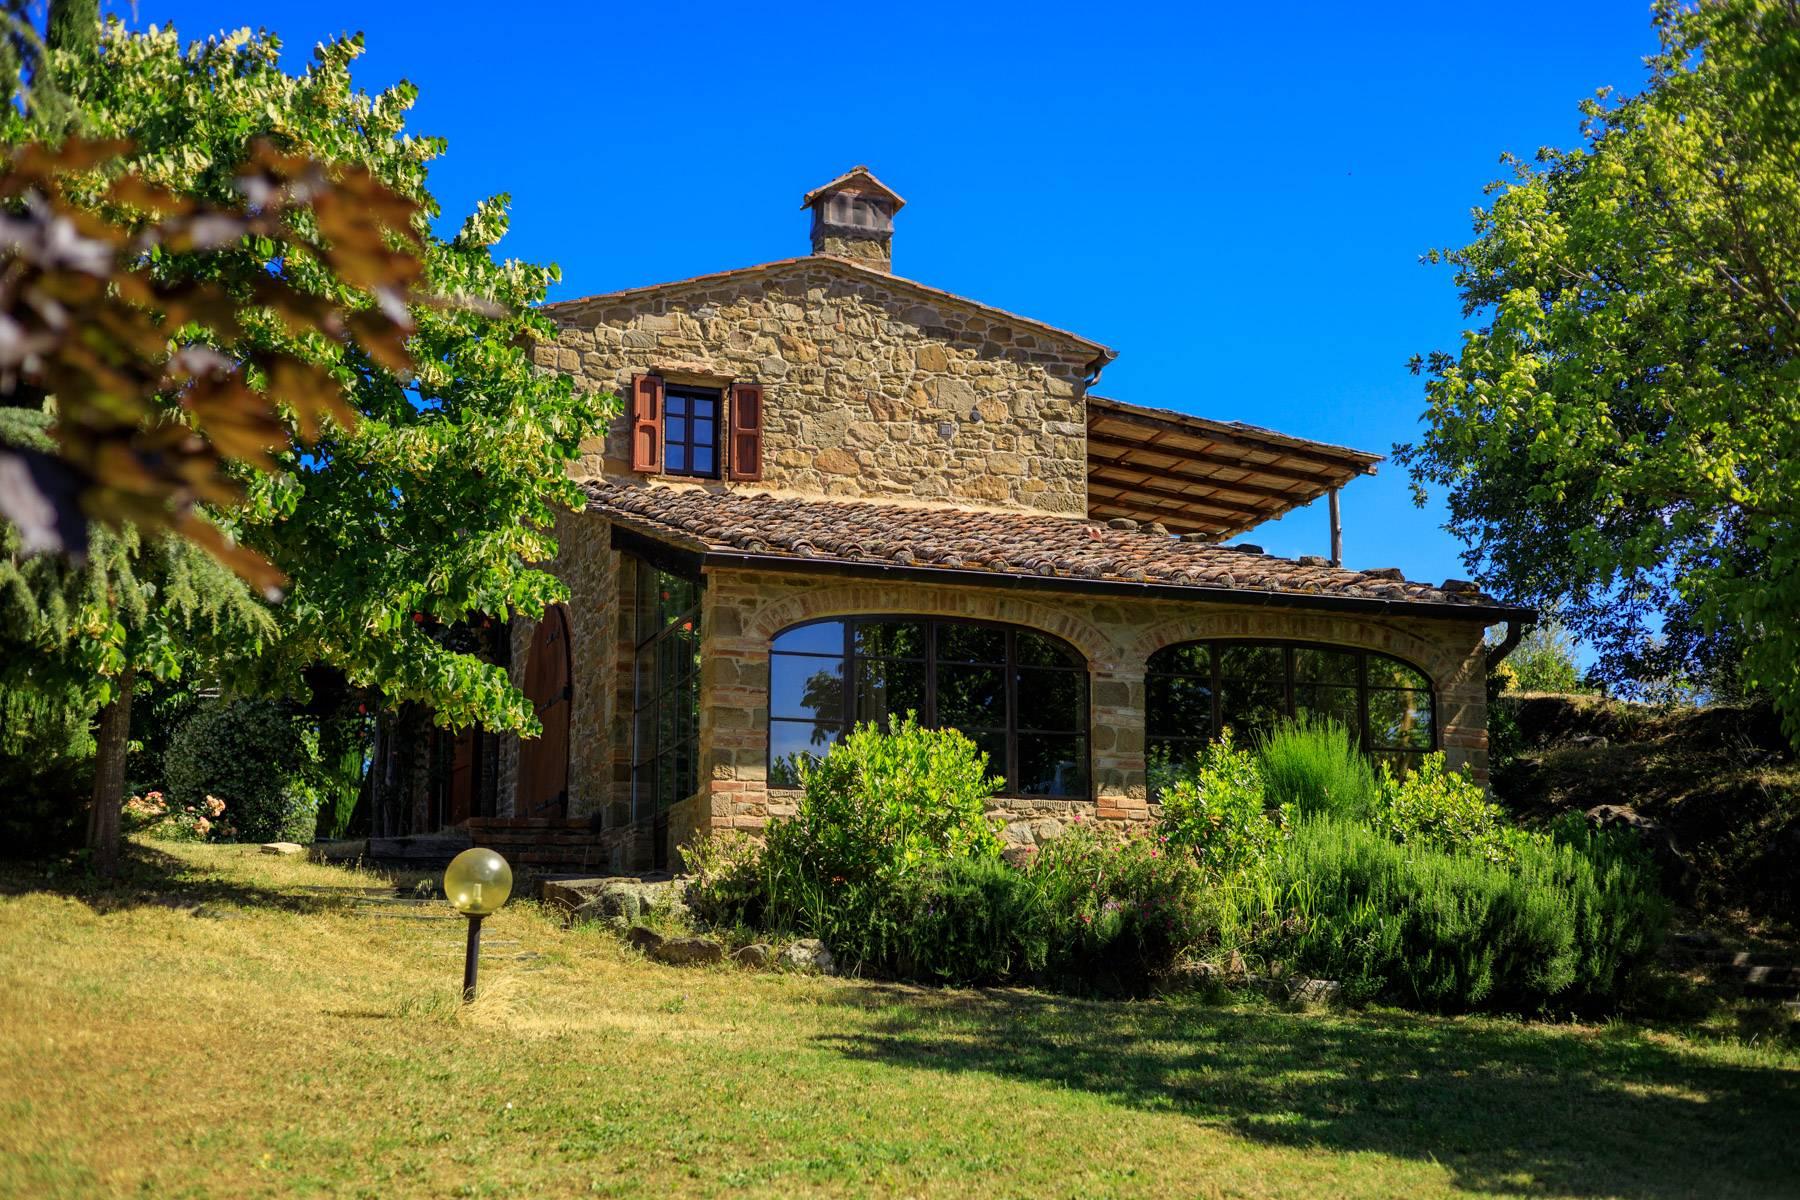 Rustico in Vendita a Monte San Savino: 5 locali, 307 mq - Foto 3